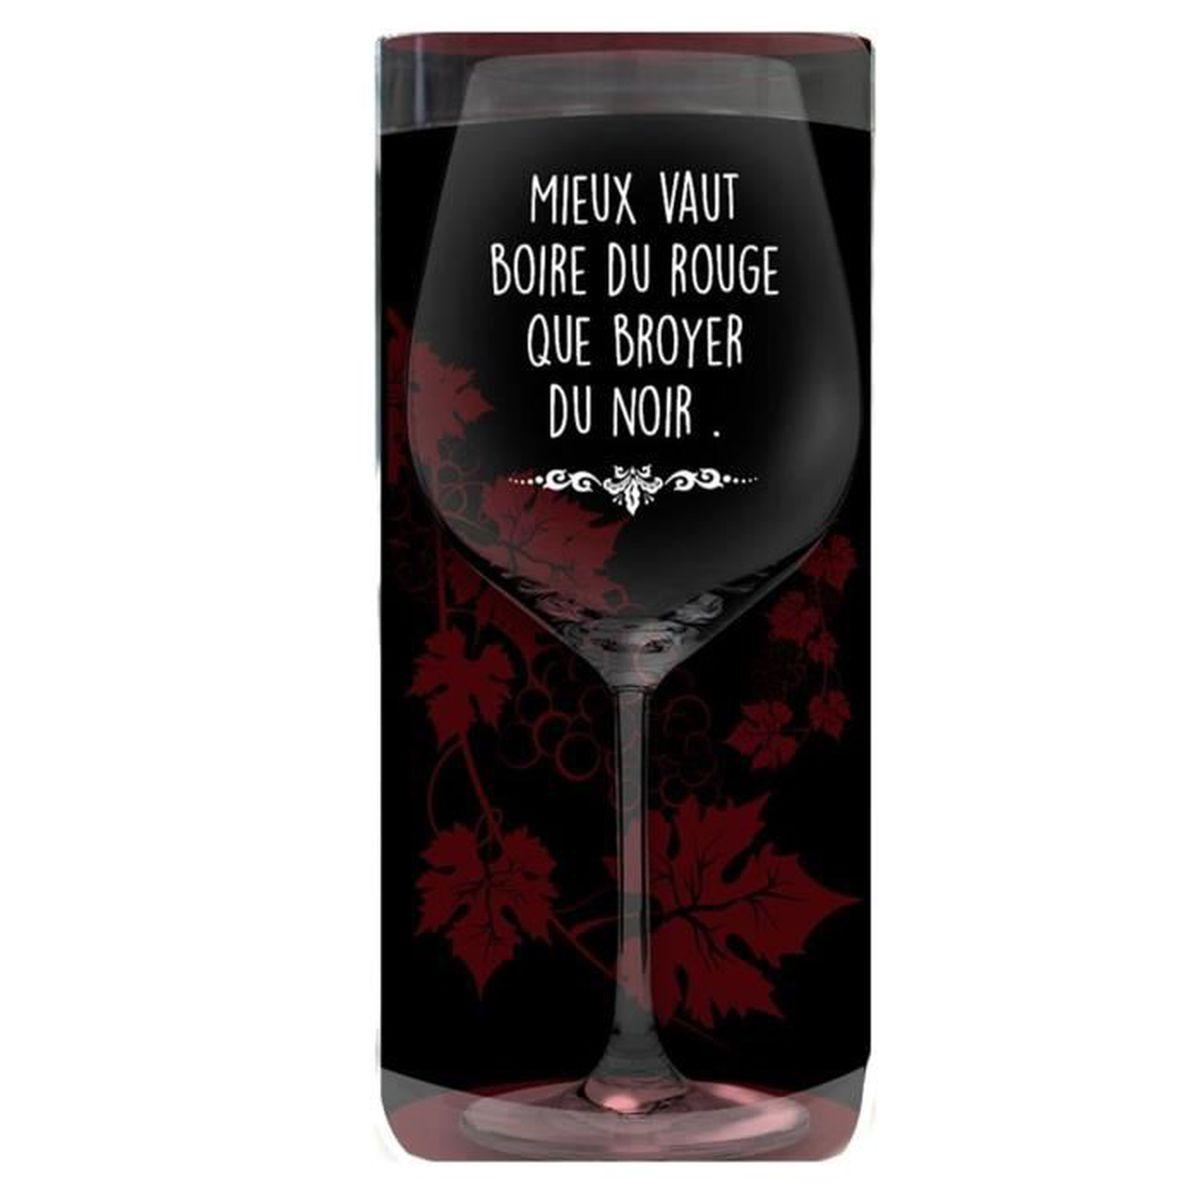 Verre A Vin Avec Citation Mieux Vaut Boire Du Rouge Que Broyer